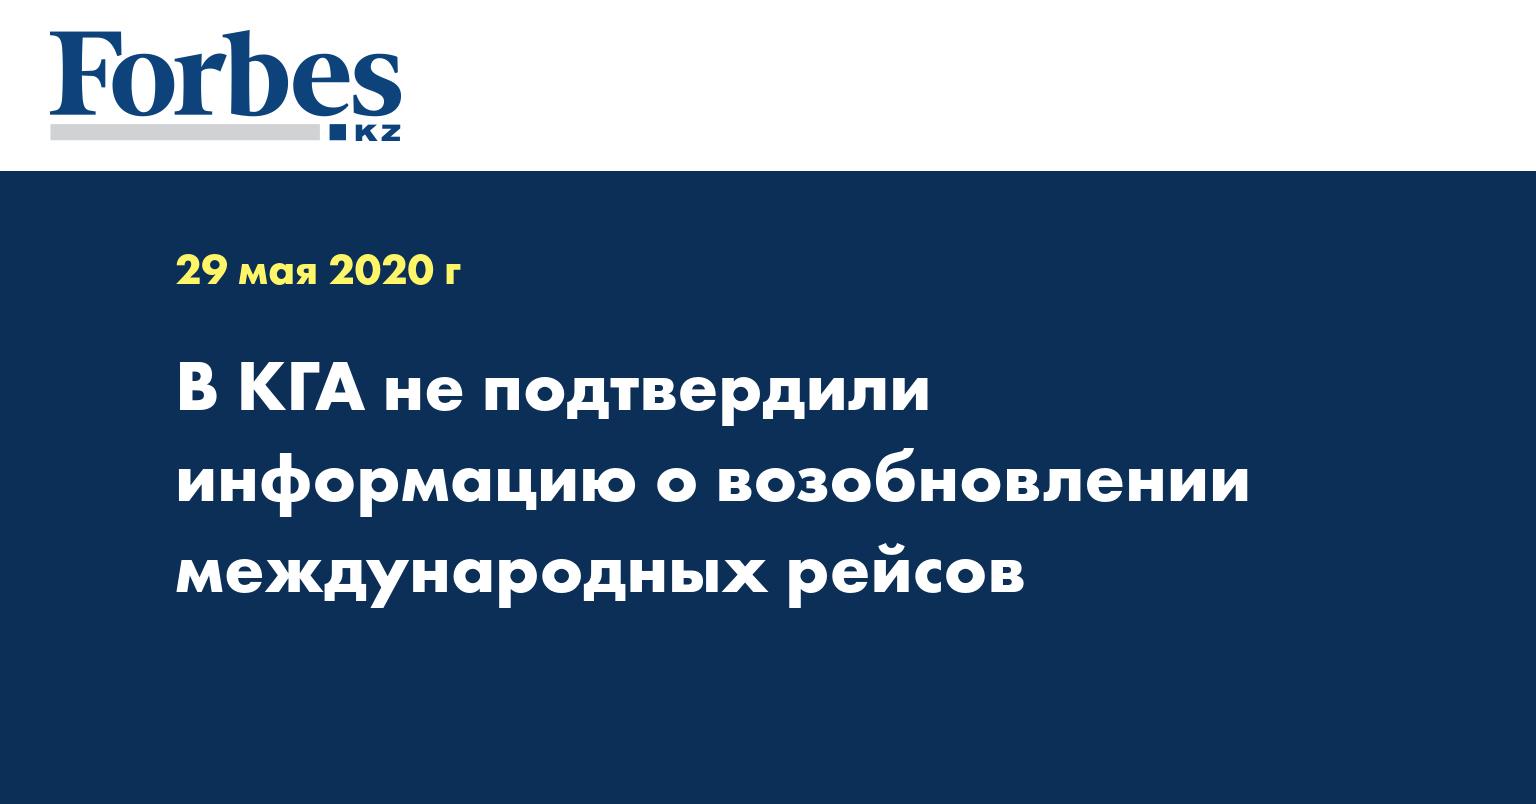 В КГА не подтвердили информацию о возобновлении международных рейсов